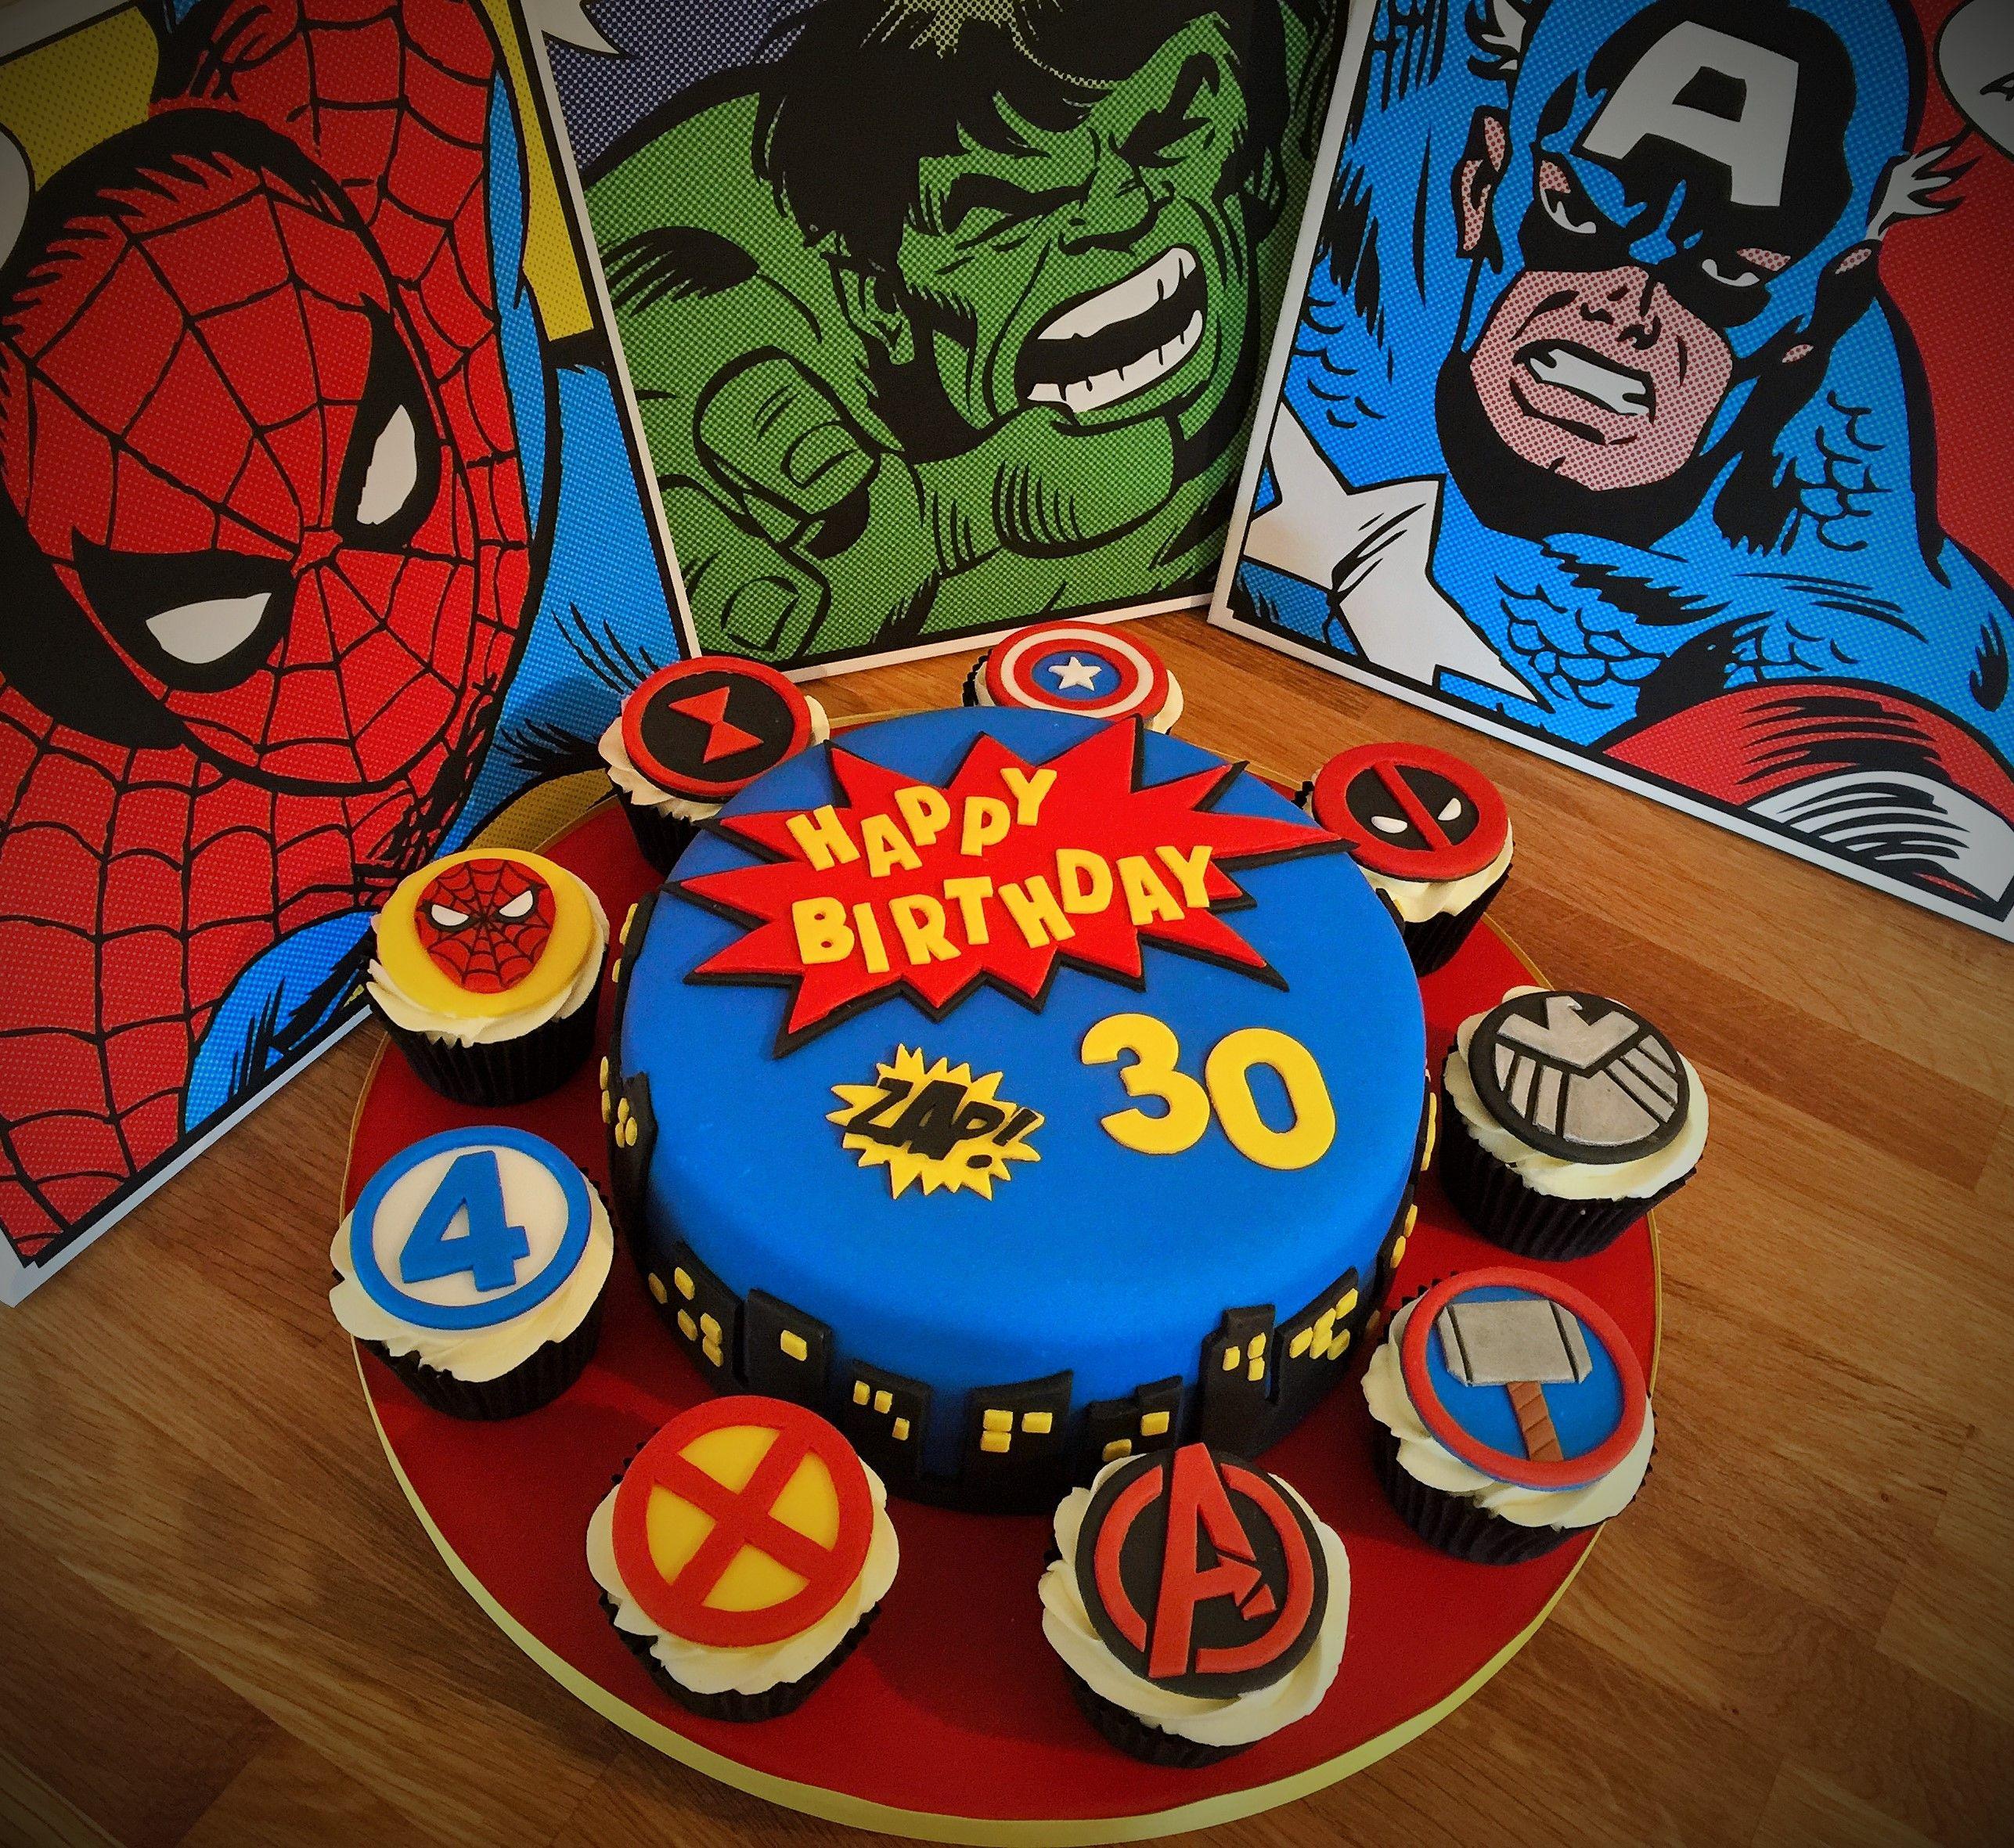 Marvel Superhero Cake And Cupcakes 30th Birthday